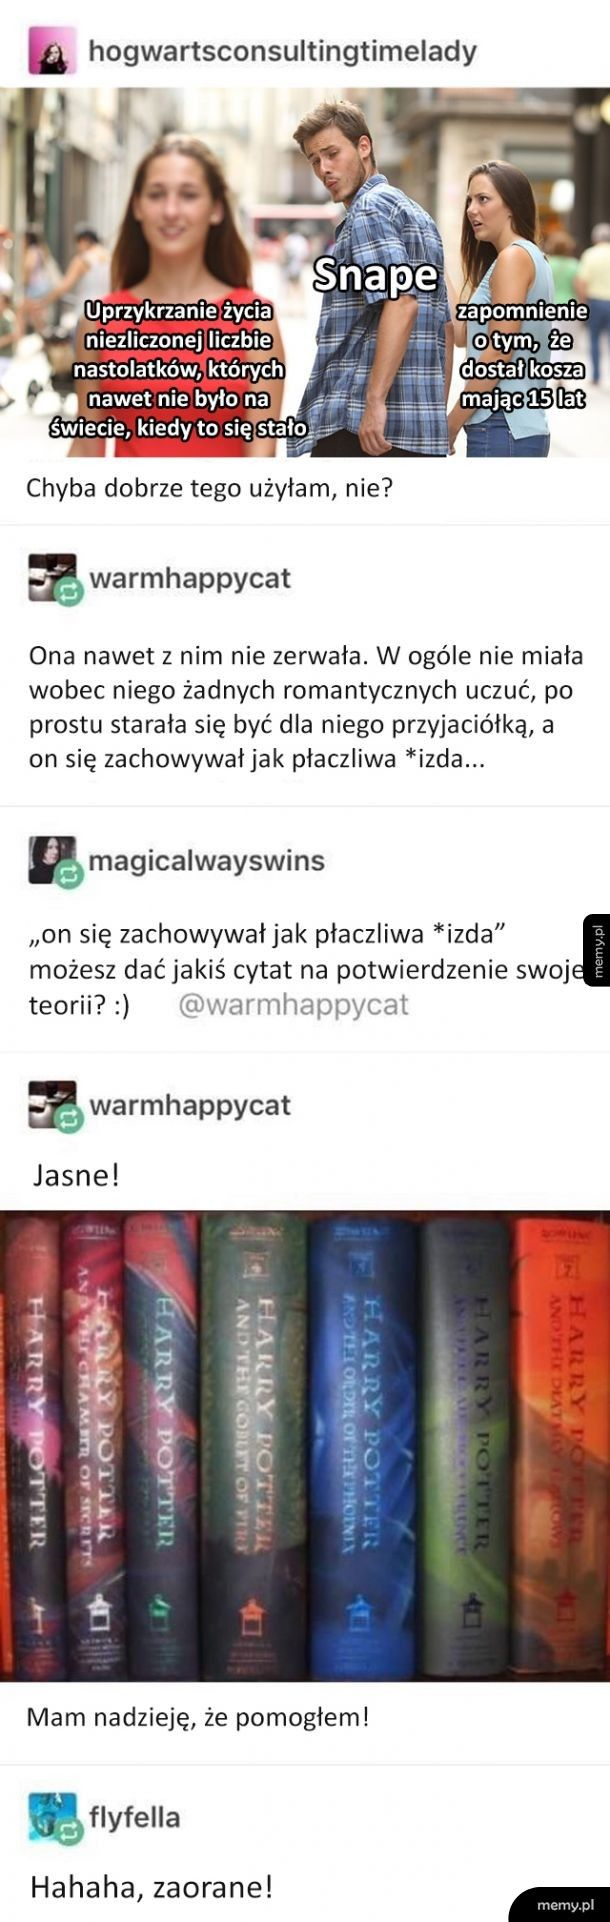 Cała prawda o Snape'ie